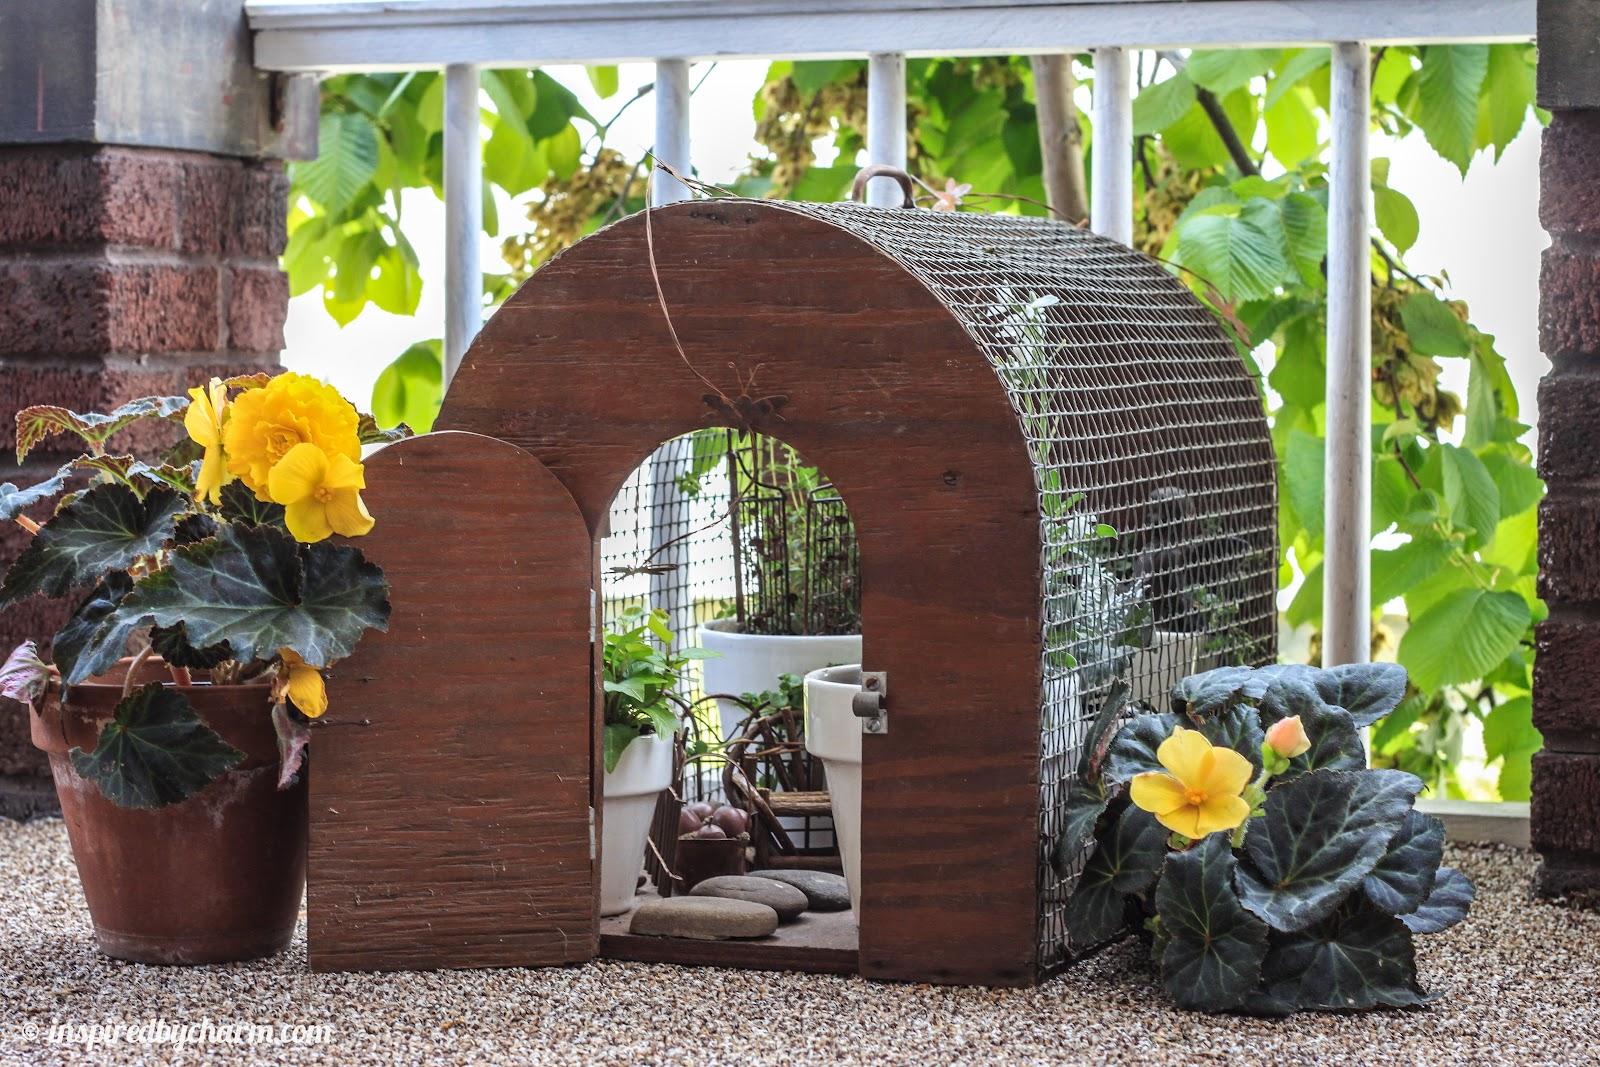 Enchanted Garden: Enchanted Fairy Garden